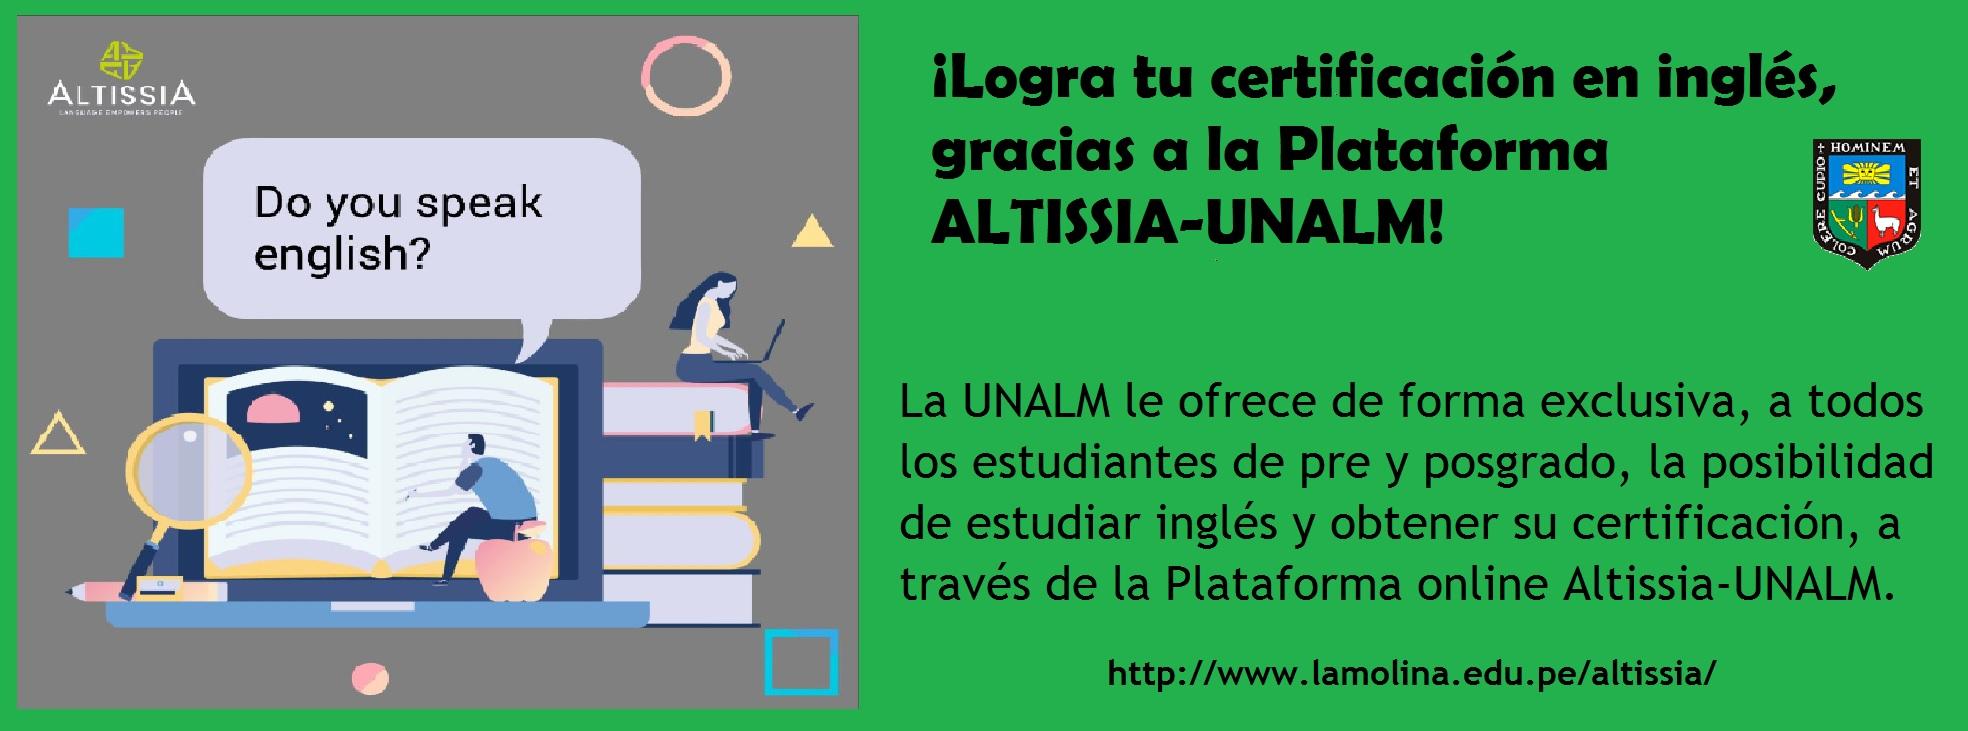 ALTISSIA-UNALM